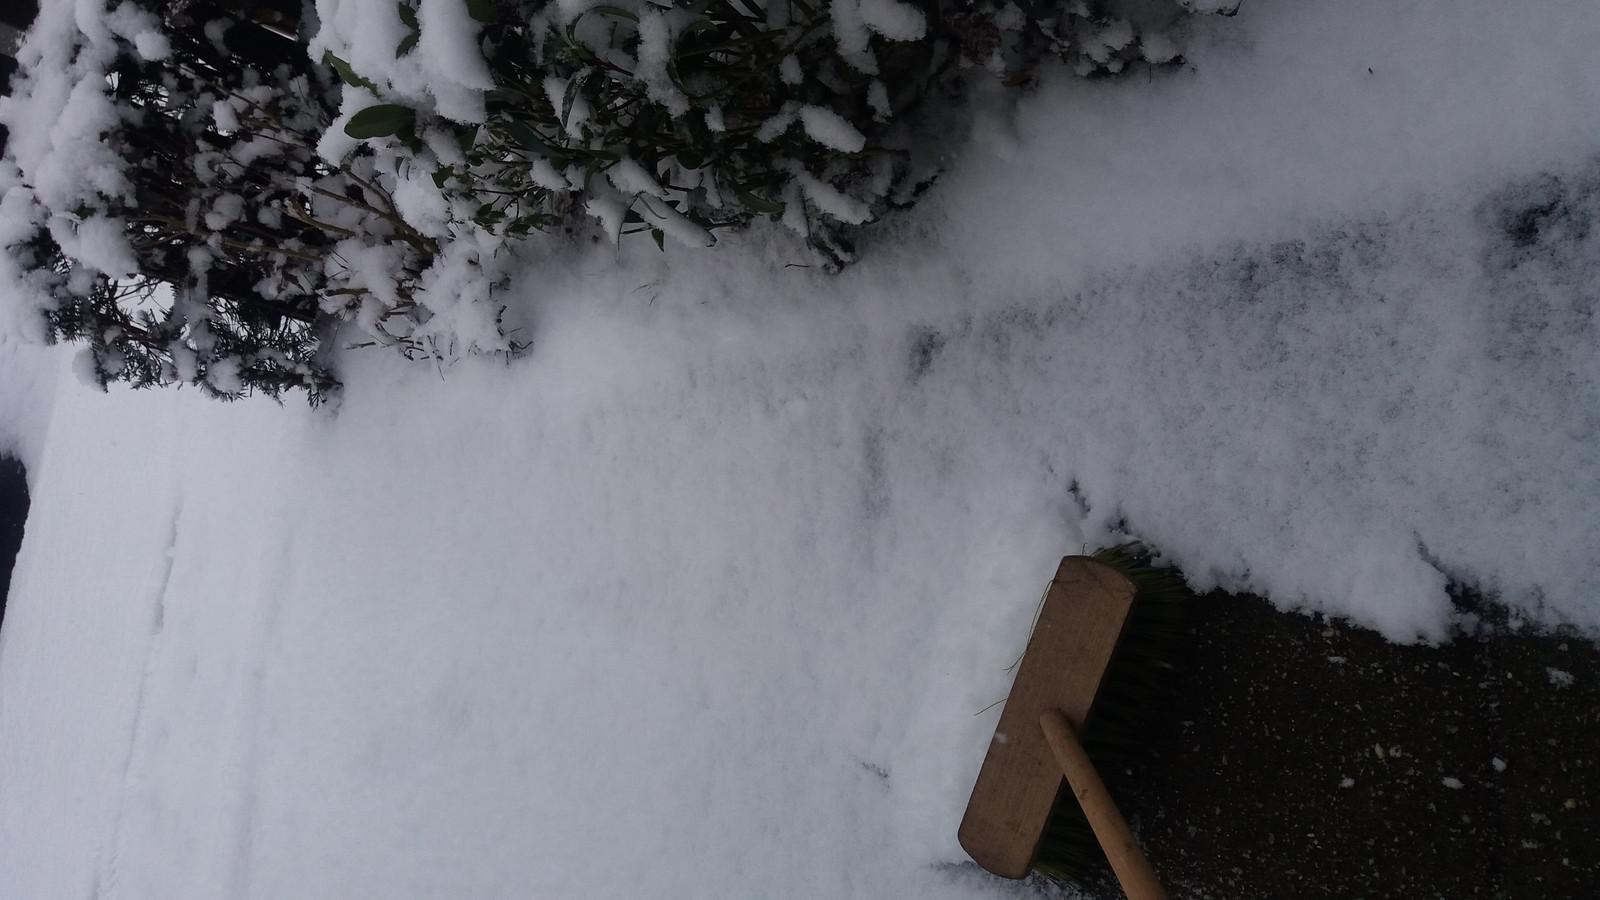 Mies Elf doet haar morele plicht en ruimt sneeuw.